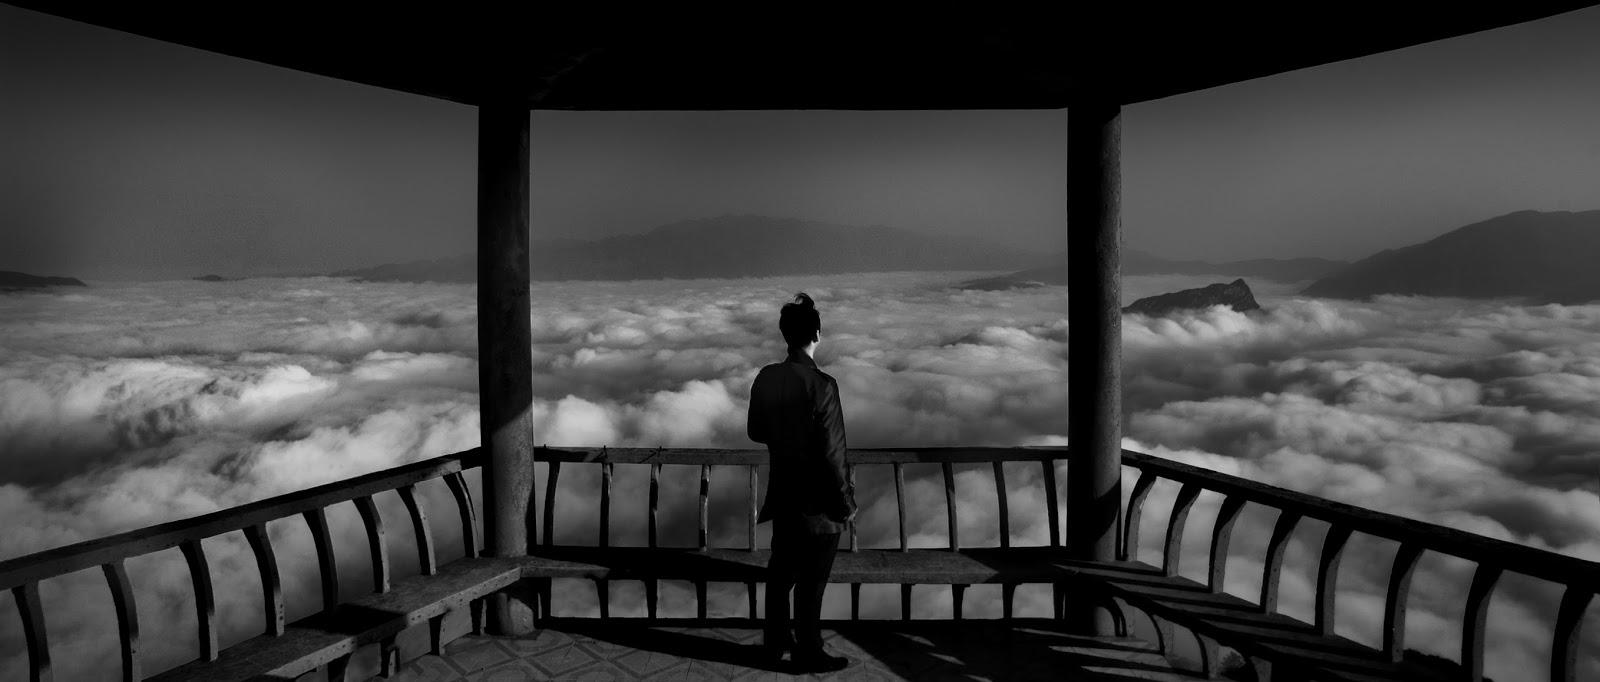 Homem do alto de uma torre a contemplar, por cima, a paisagem de montanhas cobertas por nuvens: ilustra a seção a respeito dos textos das linhas de ''Kuan / Contemplação (a Vista)'', um dos 64 hexagramas do I Ching, o Livro das Mutações